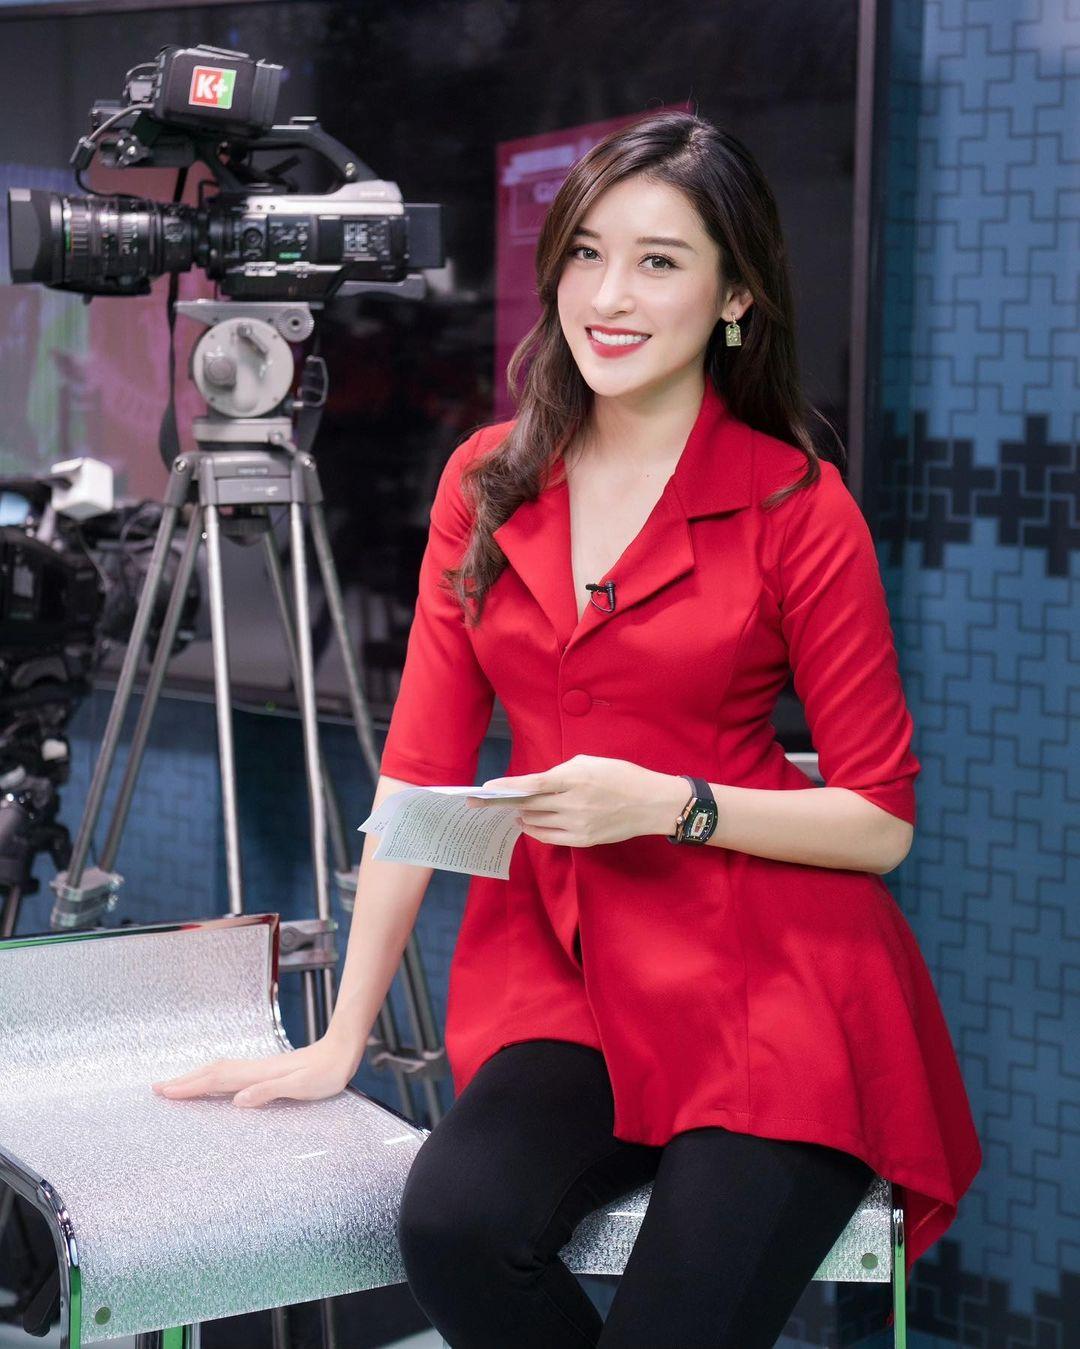 Á hậu Huyền My gây chú ý khi đeo đồng hồ 3 tỉ dẫn truyền hình